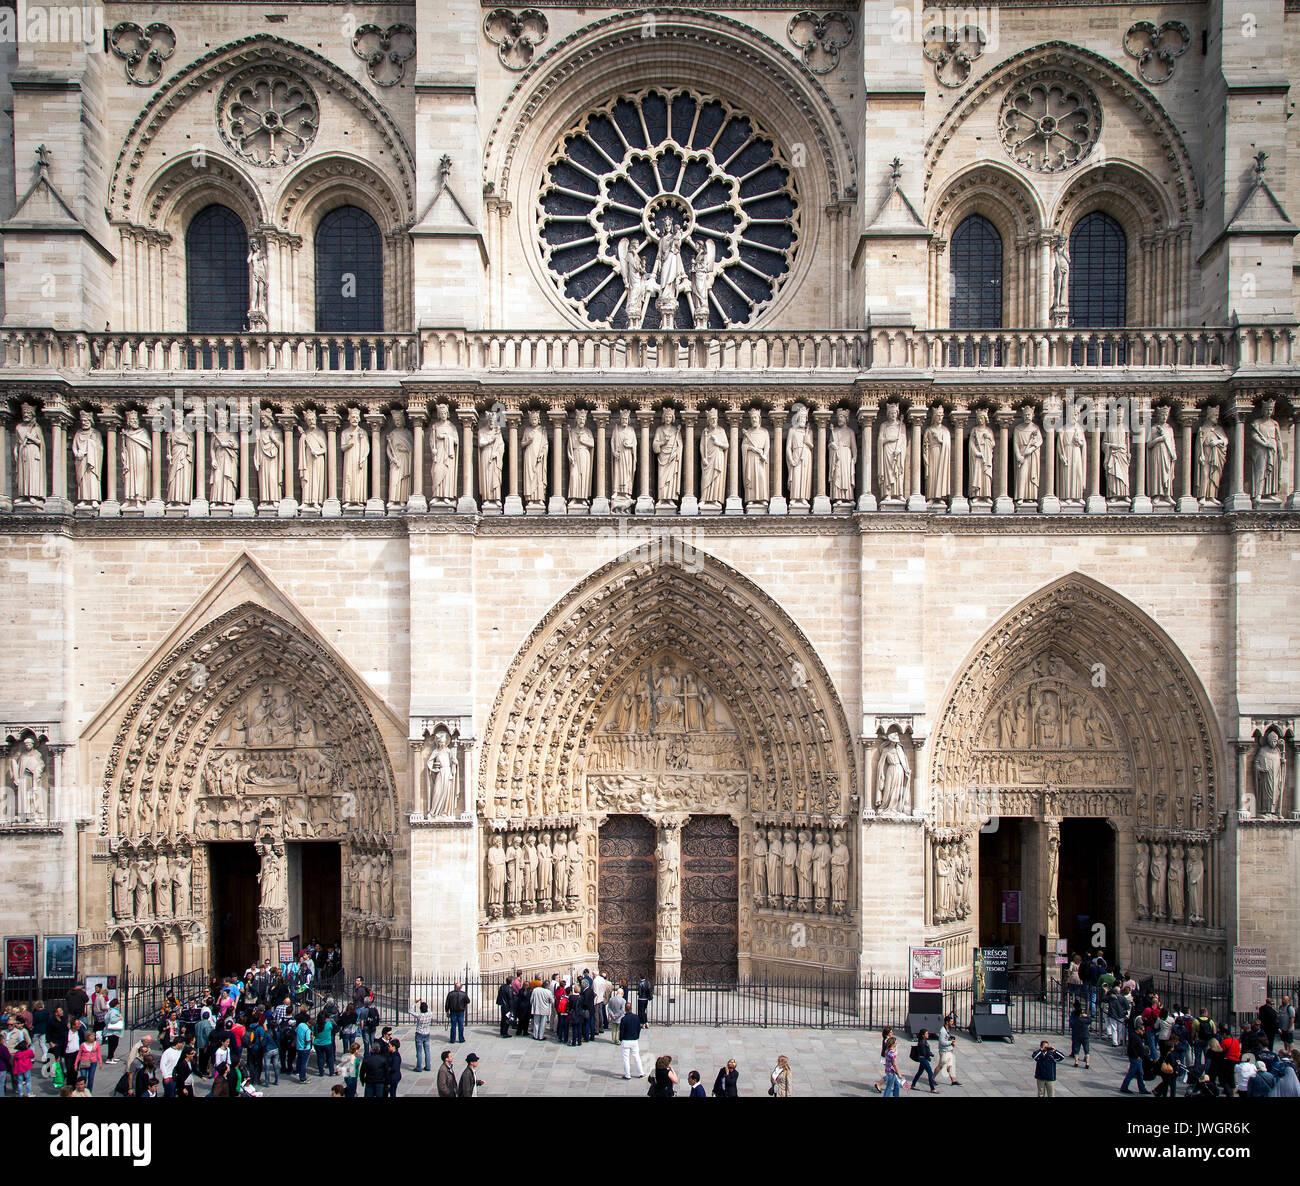 Facciata della cattedrale di Notre Dame di Parigi Francia Immagini Stock